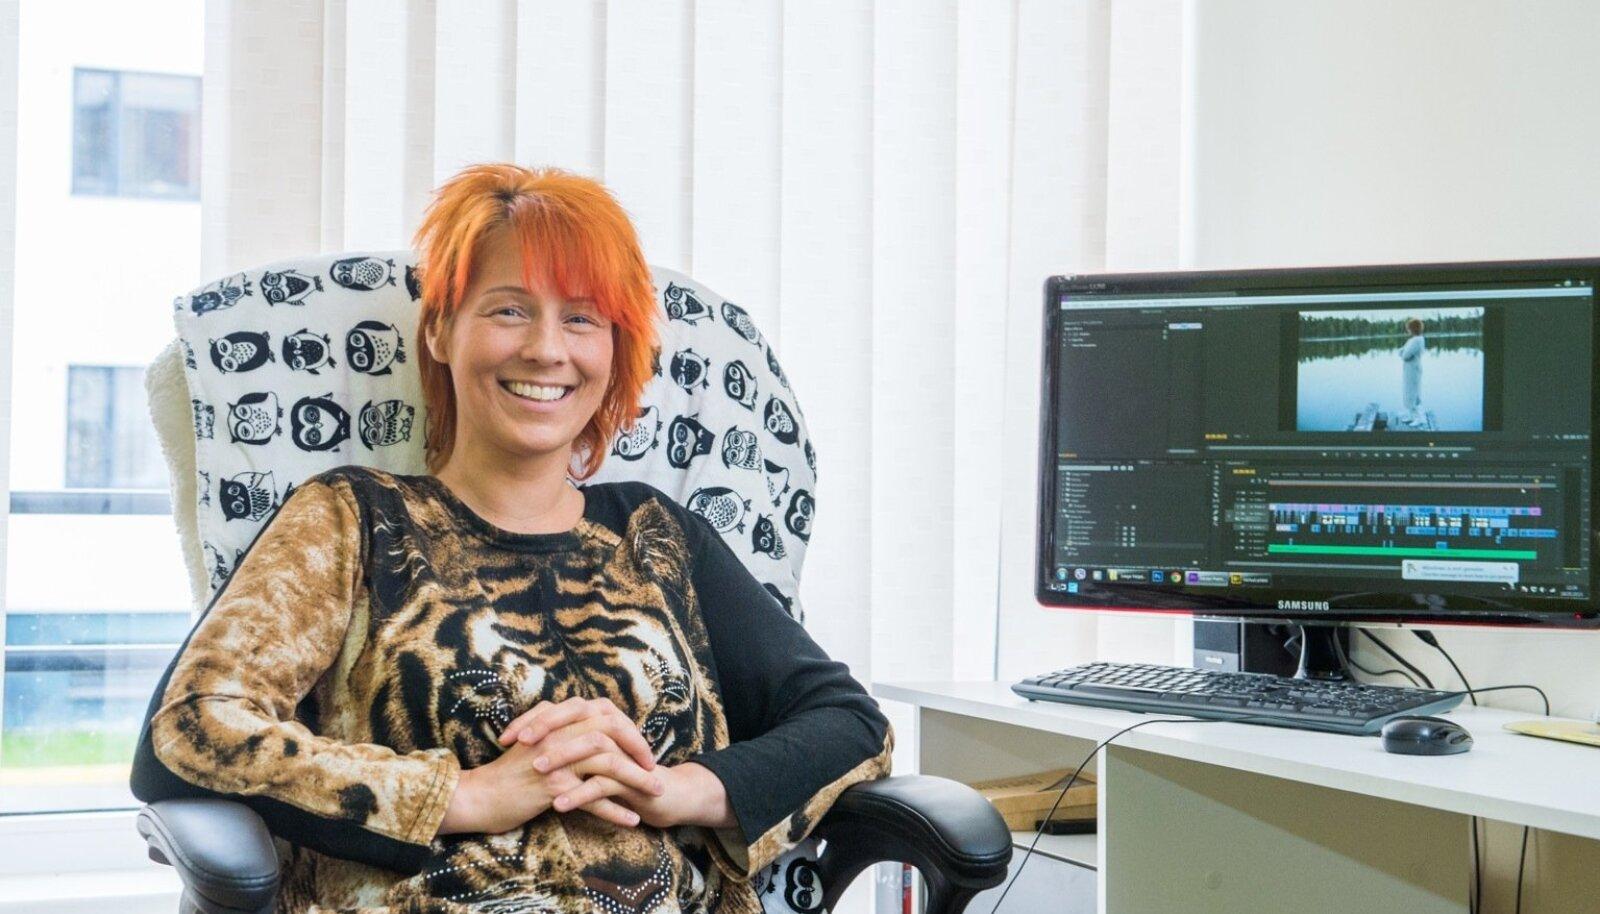 Ma olen nagu akvaariumis kuldkalake, kes maailmaga ei suhestu, naerab Lea Dali Lion. Arvutiekraanilt näeme üht kaadrit tema peagi valmivast uuest videost.